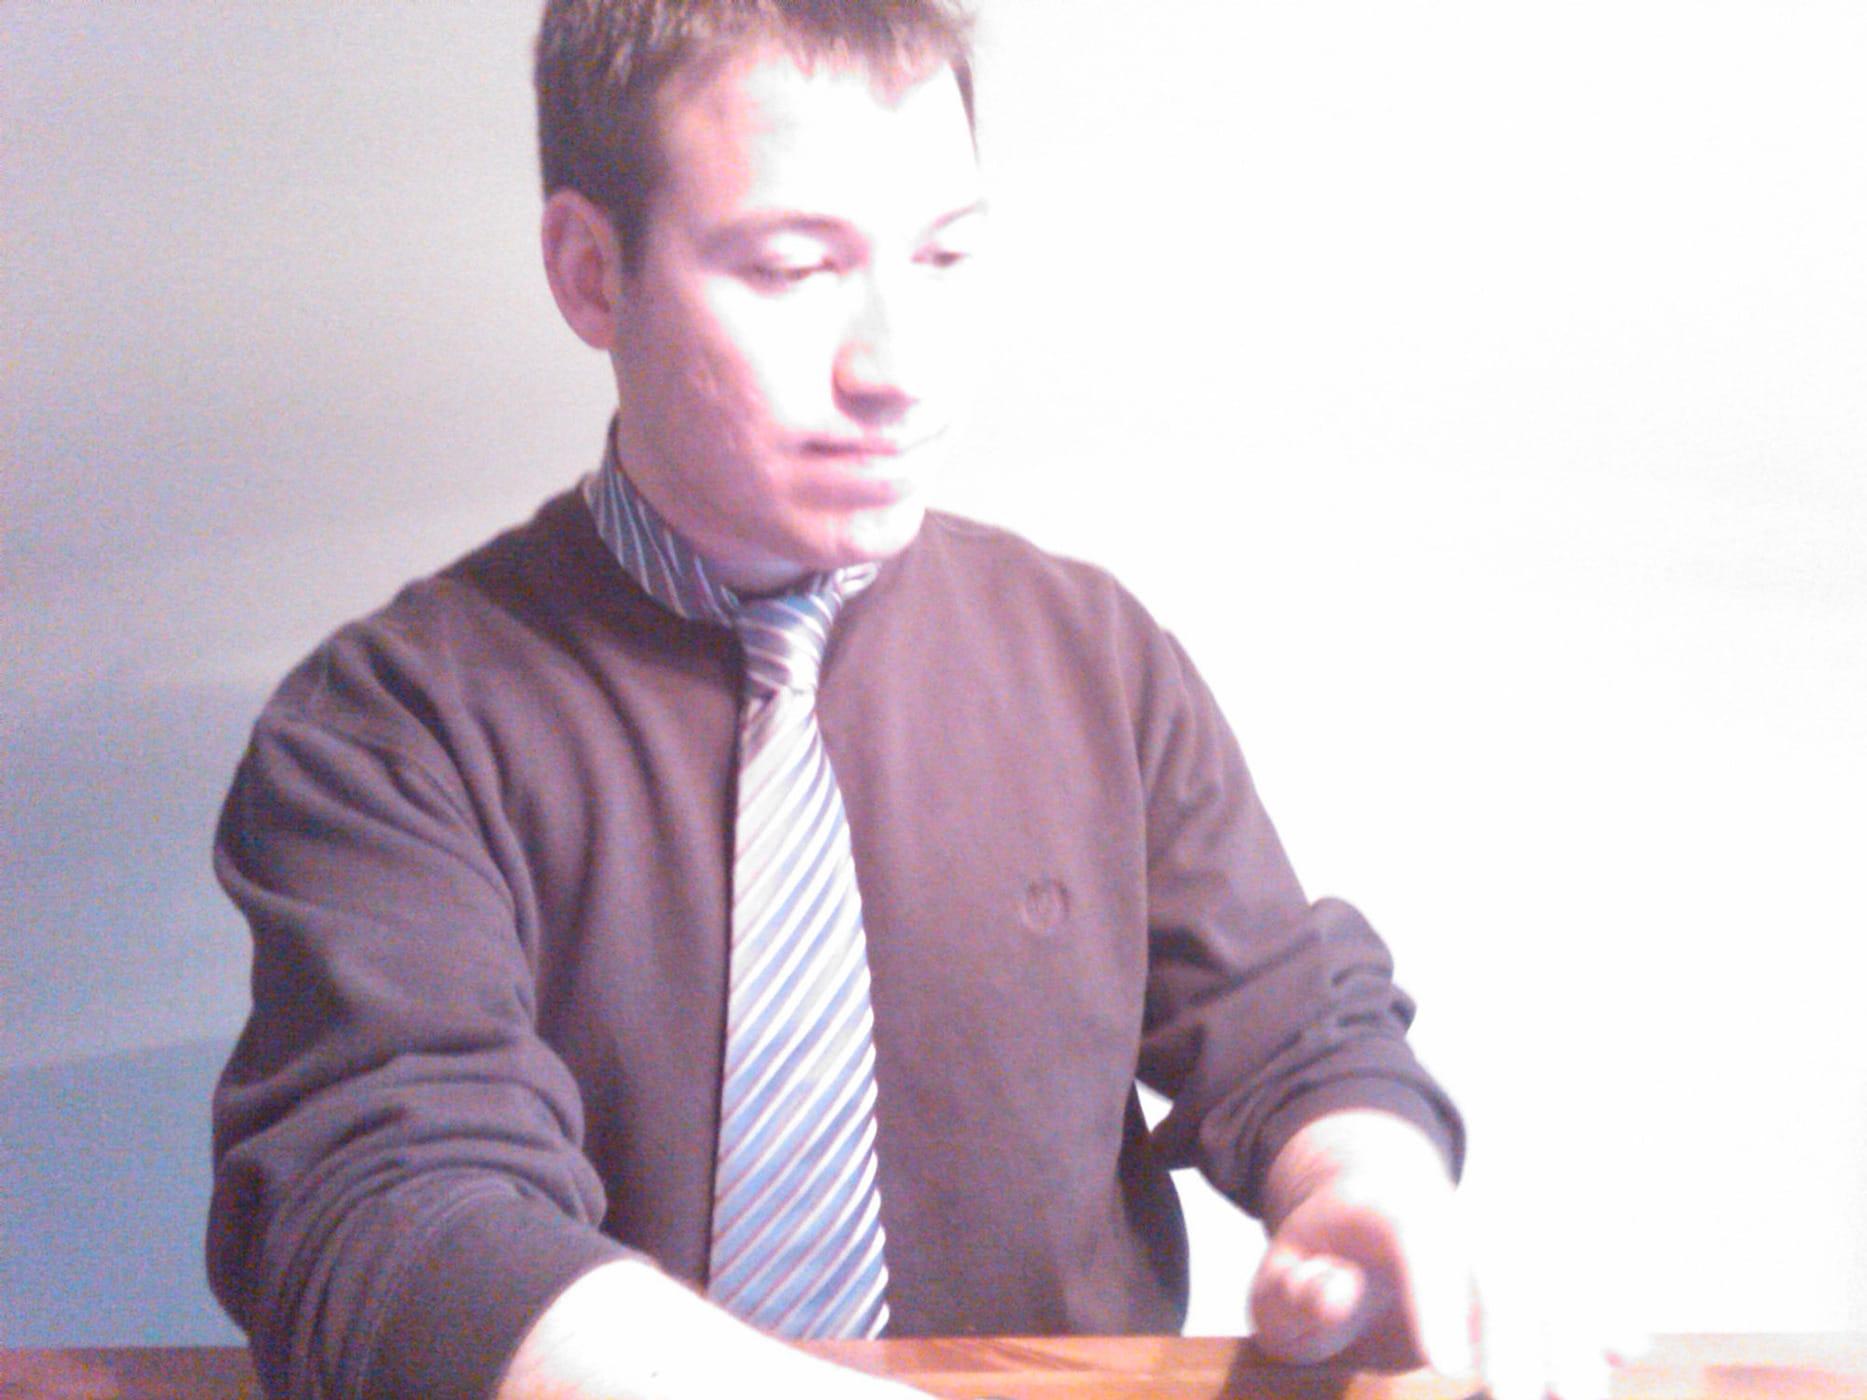 My financial planner wears a pink tie